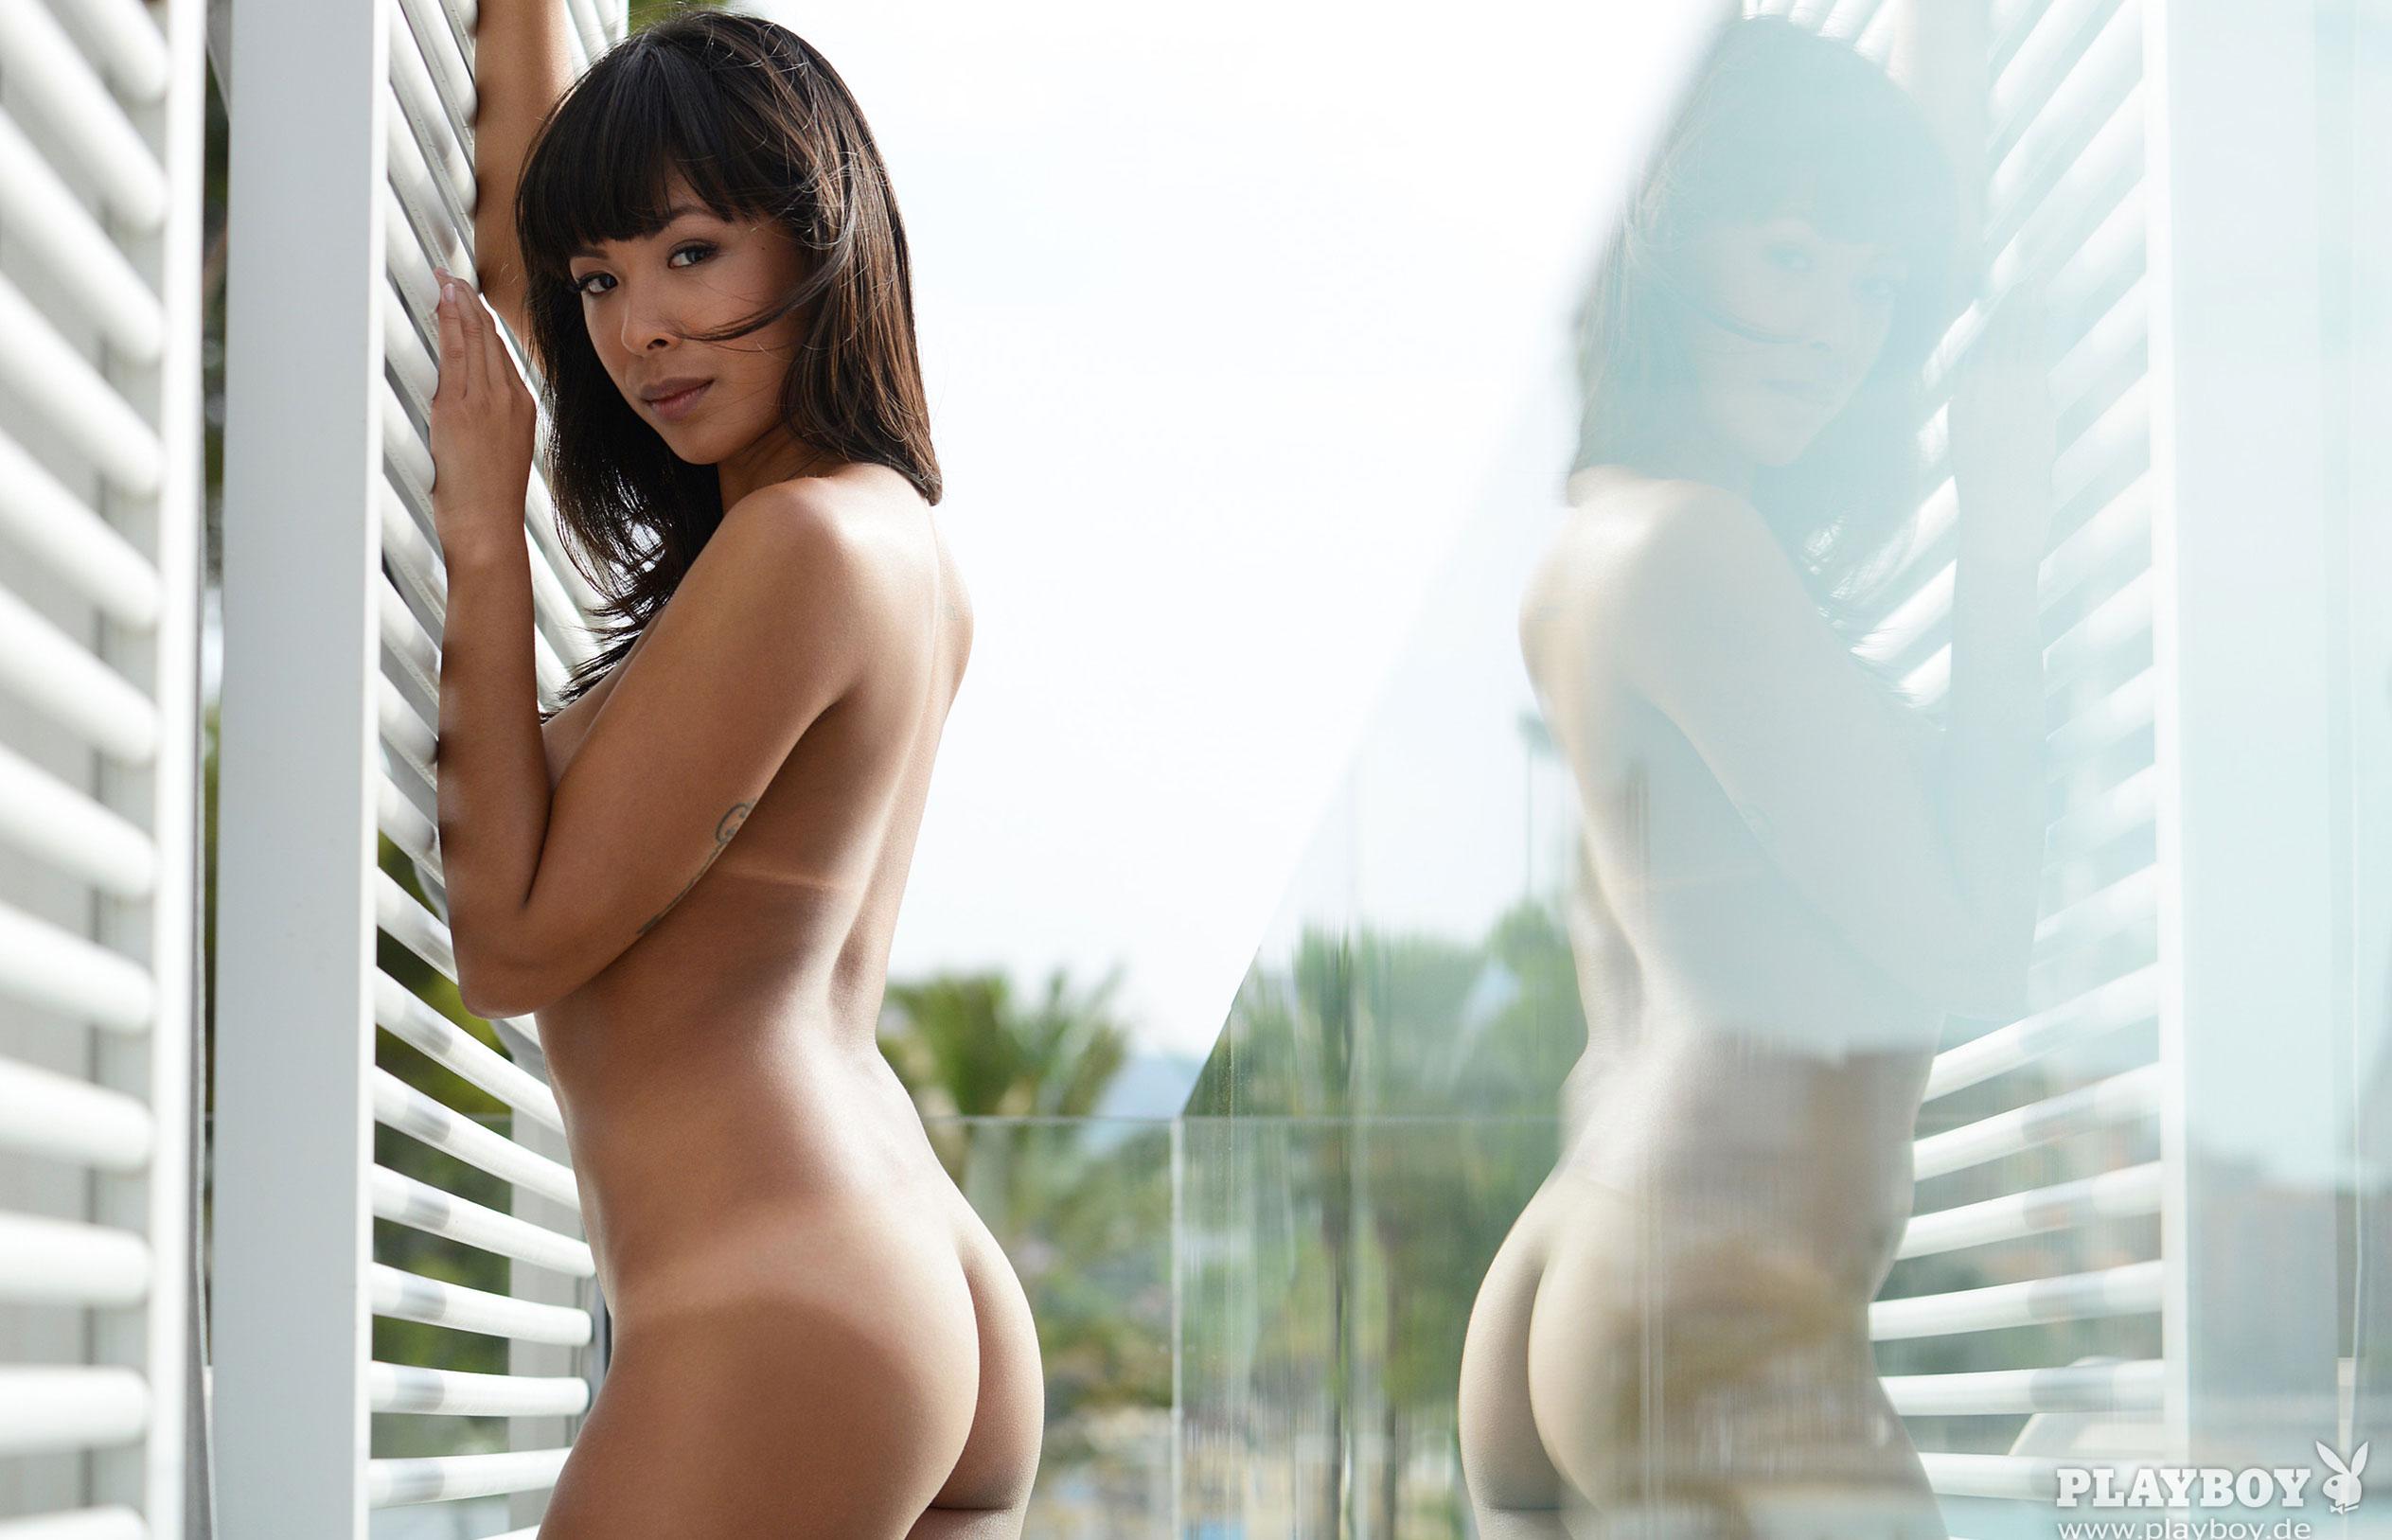 Тхан Нхан - Девушка месяца в Playboy Германия, март 2018 / фото 13